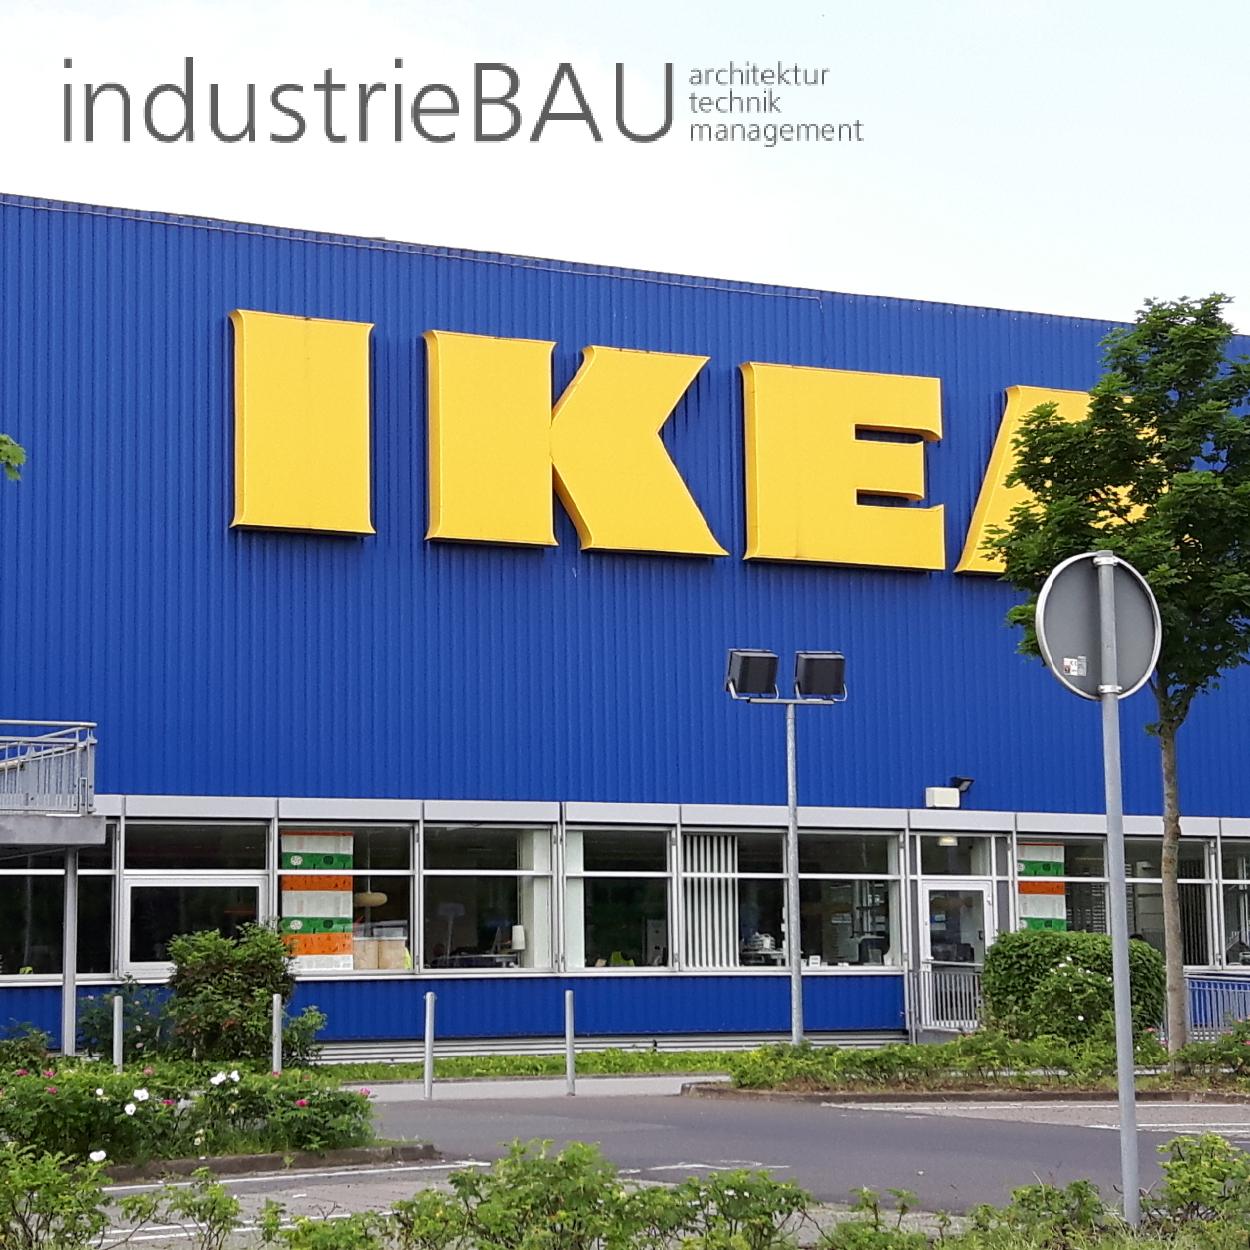 Dachmonitoring in der Anwendung – HUM-ID in der Industriebau